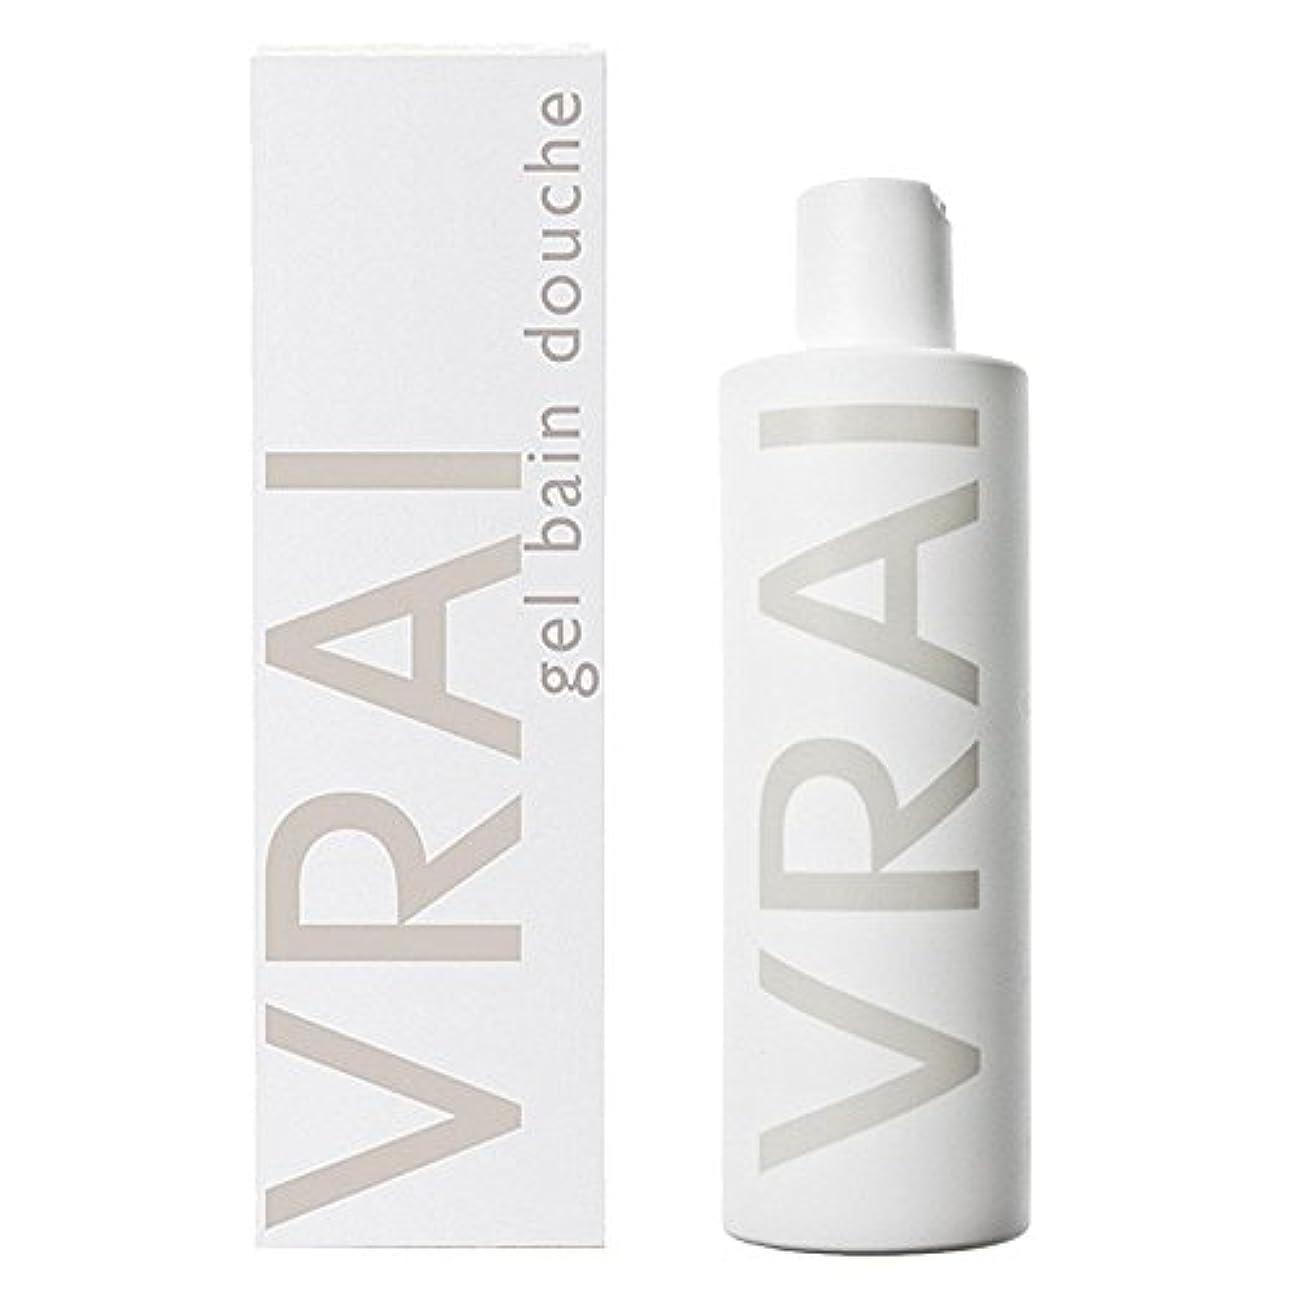 神経障害選択する直面するFragonard VRAI (フラゴナール ブライ) 8.3 oz (250ml) Bath & Shower Gel